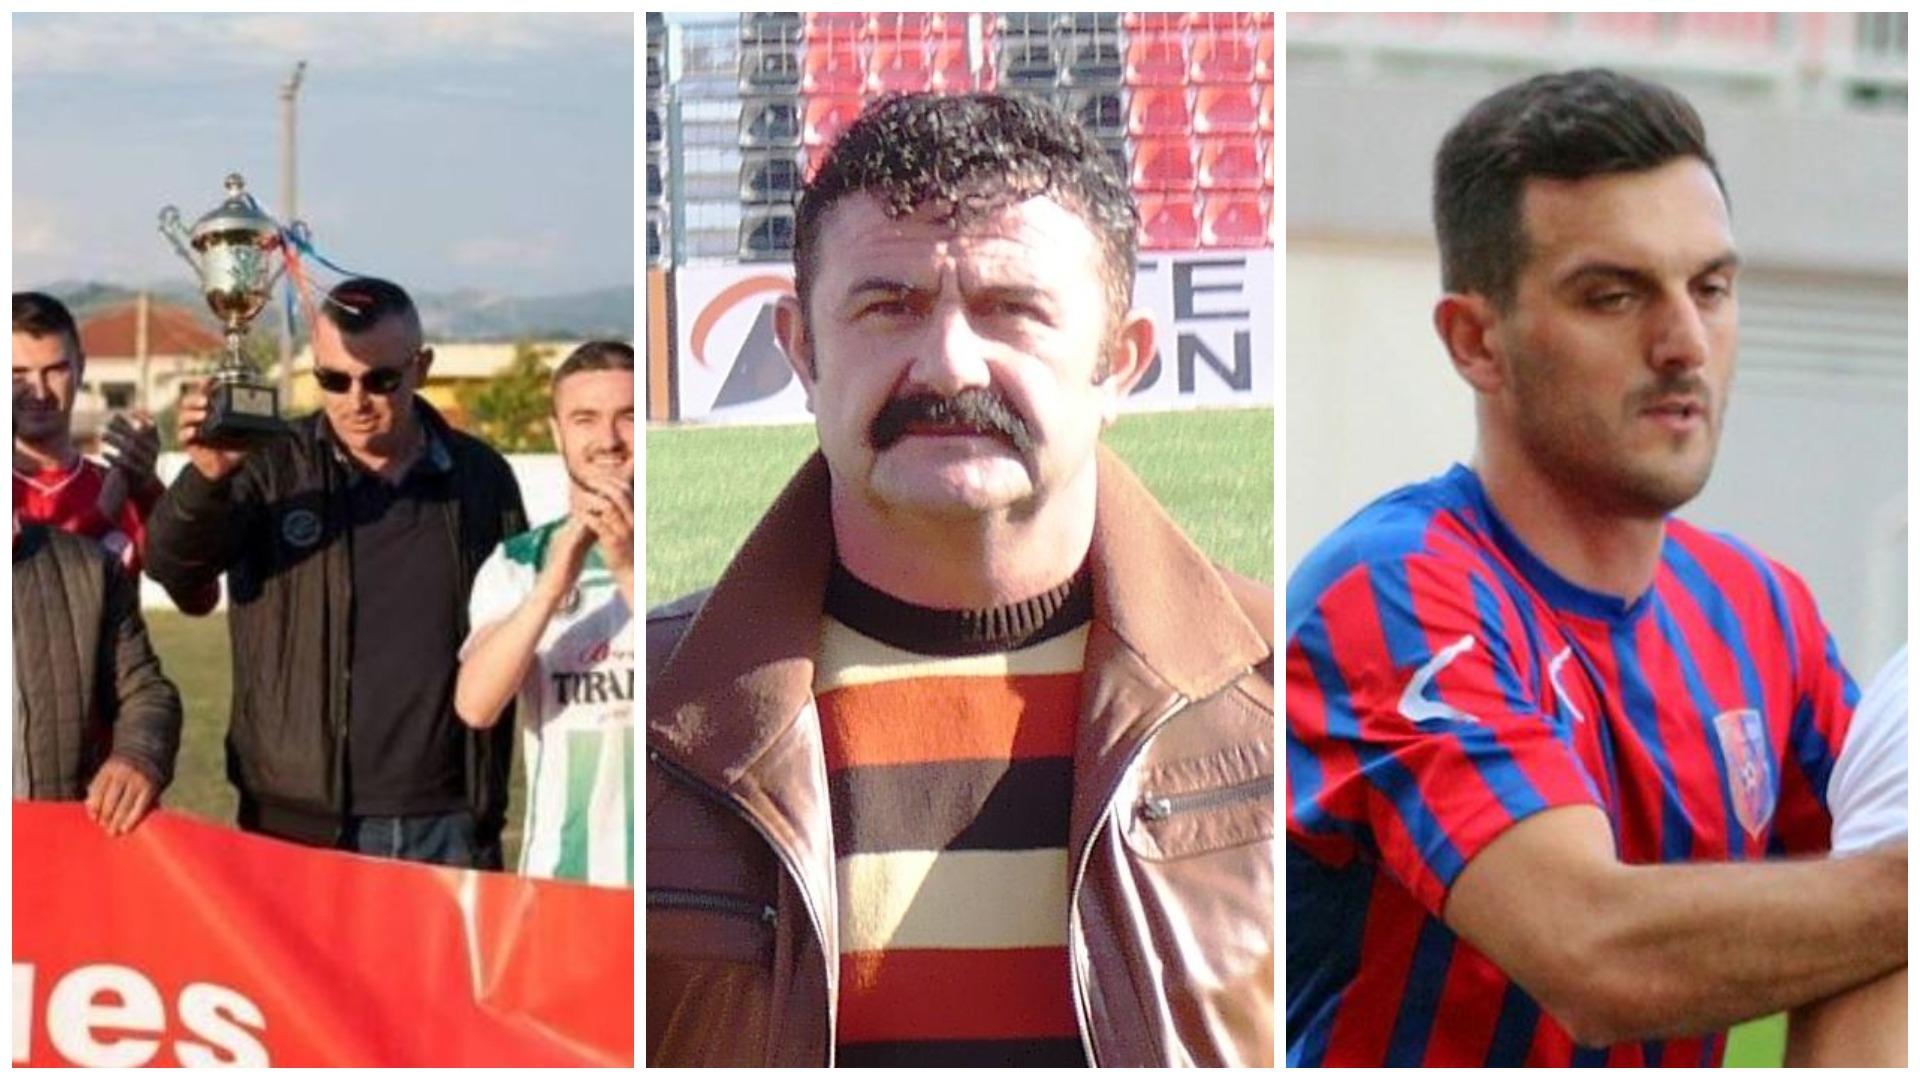 Skandali i pronave në Lezhë: Dy presidentë dënohen me burg, Malota i pafajshëm